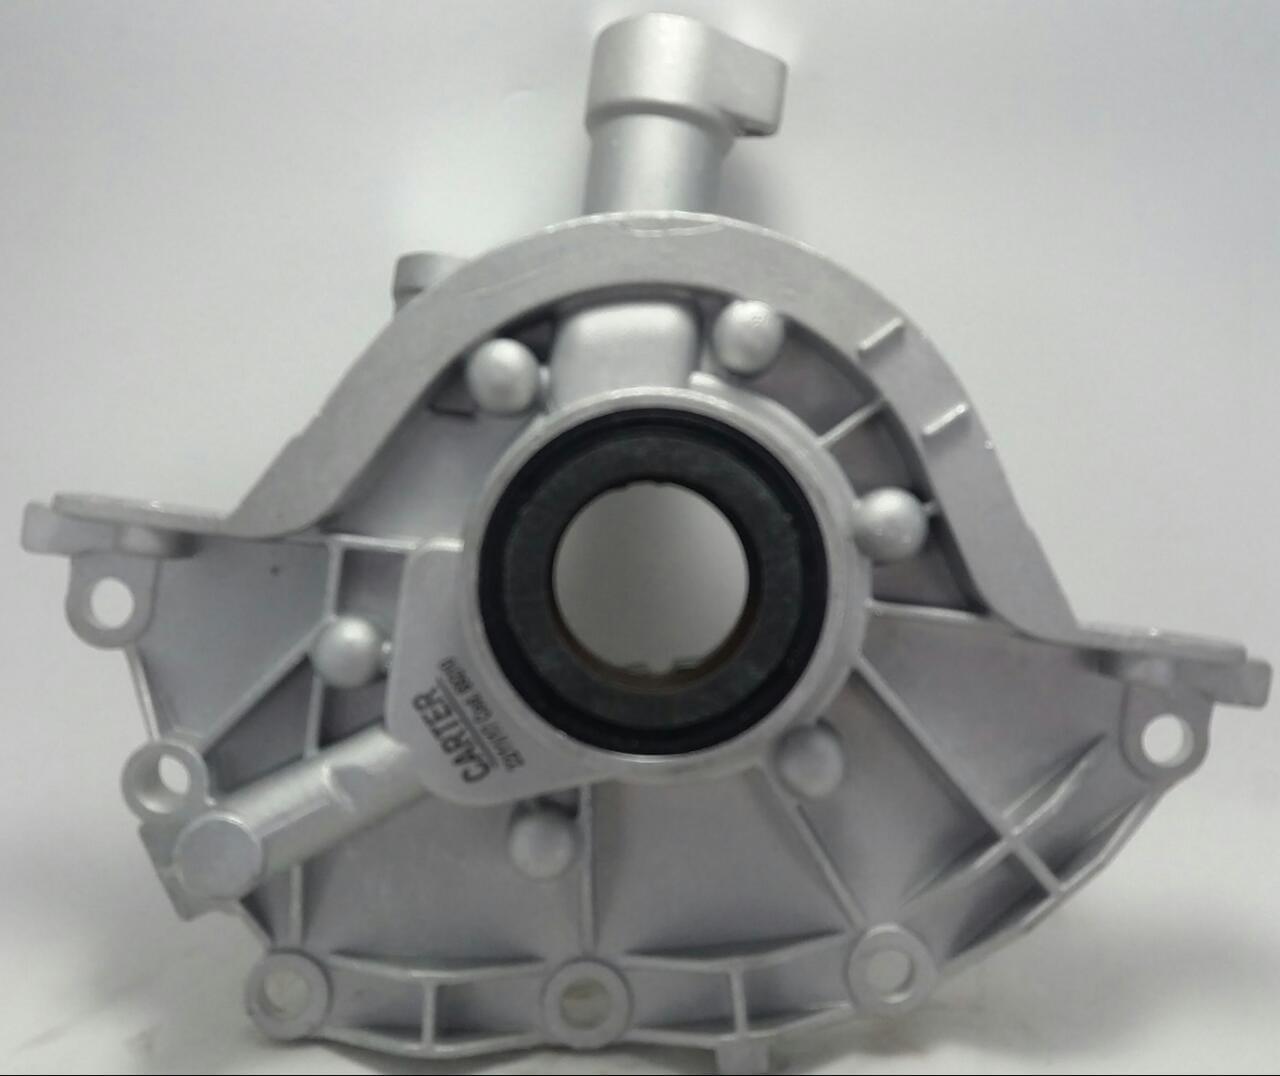 Bomba de óleo GMB Ka-Fiesta-Ecosport 1.0 8v- Focus Escort Courier 1.6 8v tds Rocam